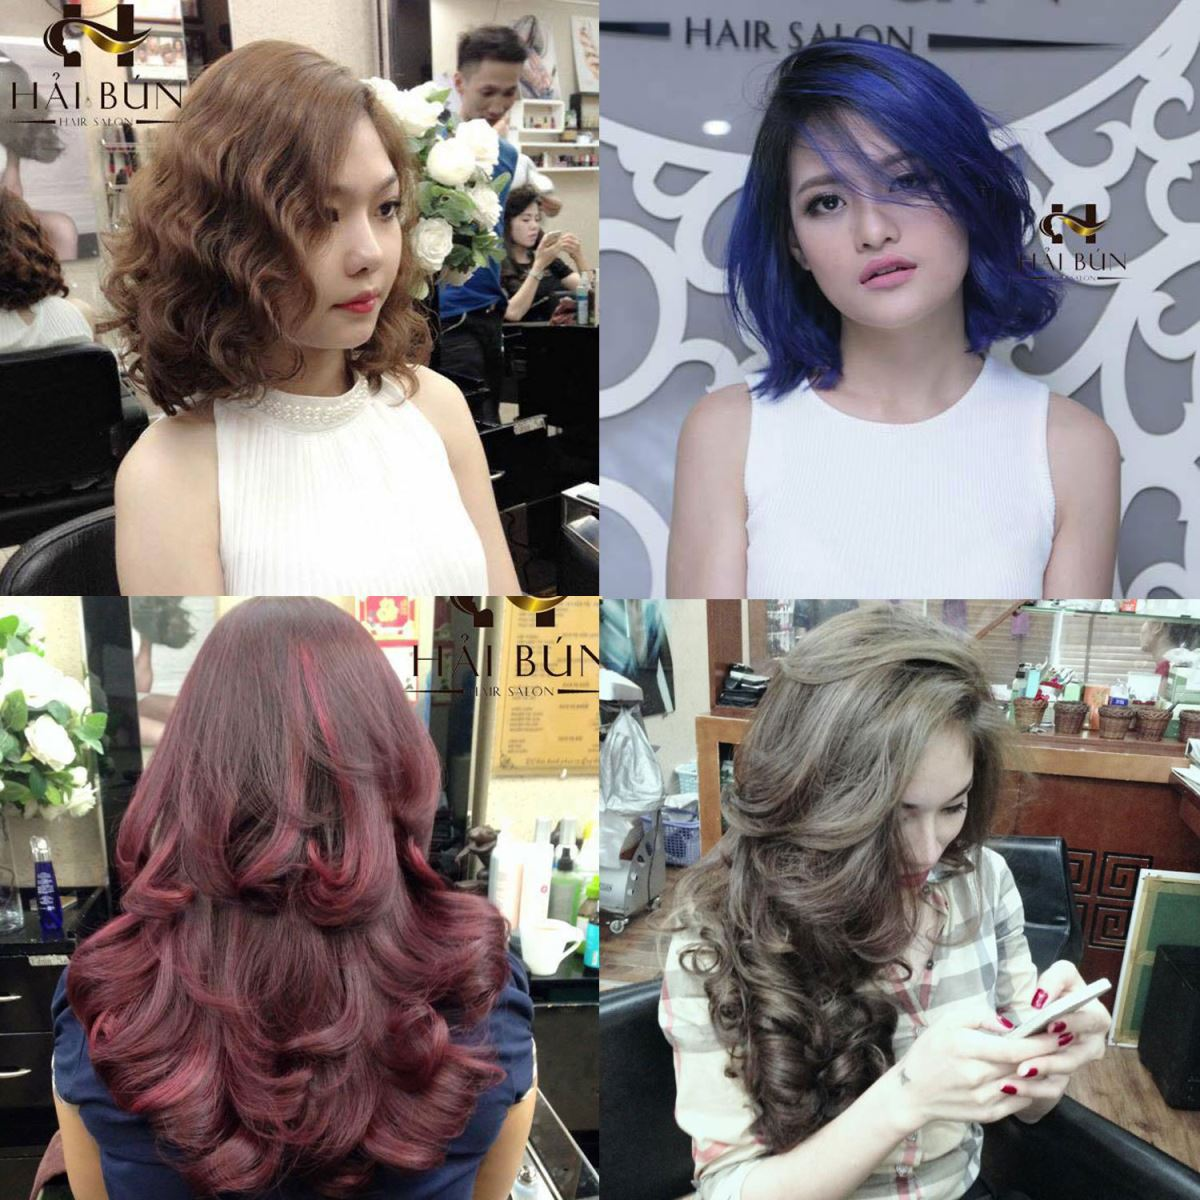 5 tiệm làm tóc đẹp ở Hà Nội được giới trẻ follow nhiều nhất facebook 2